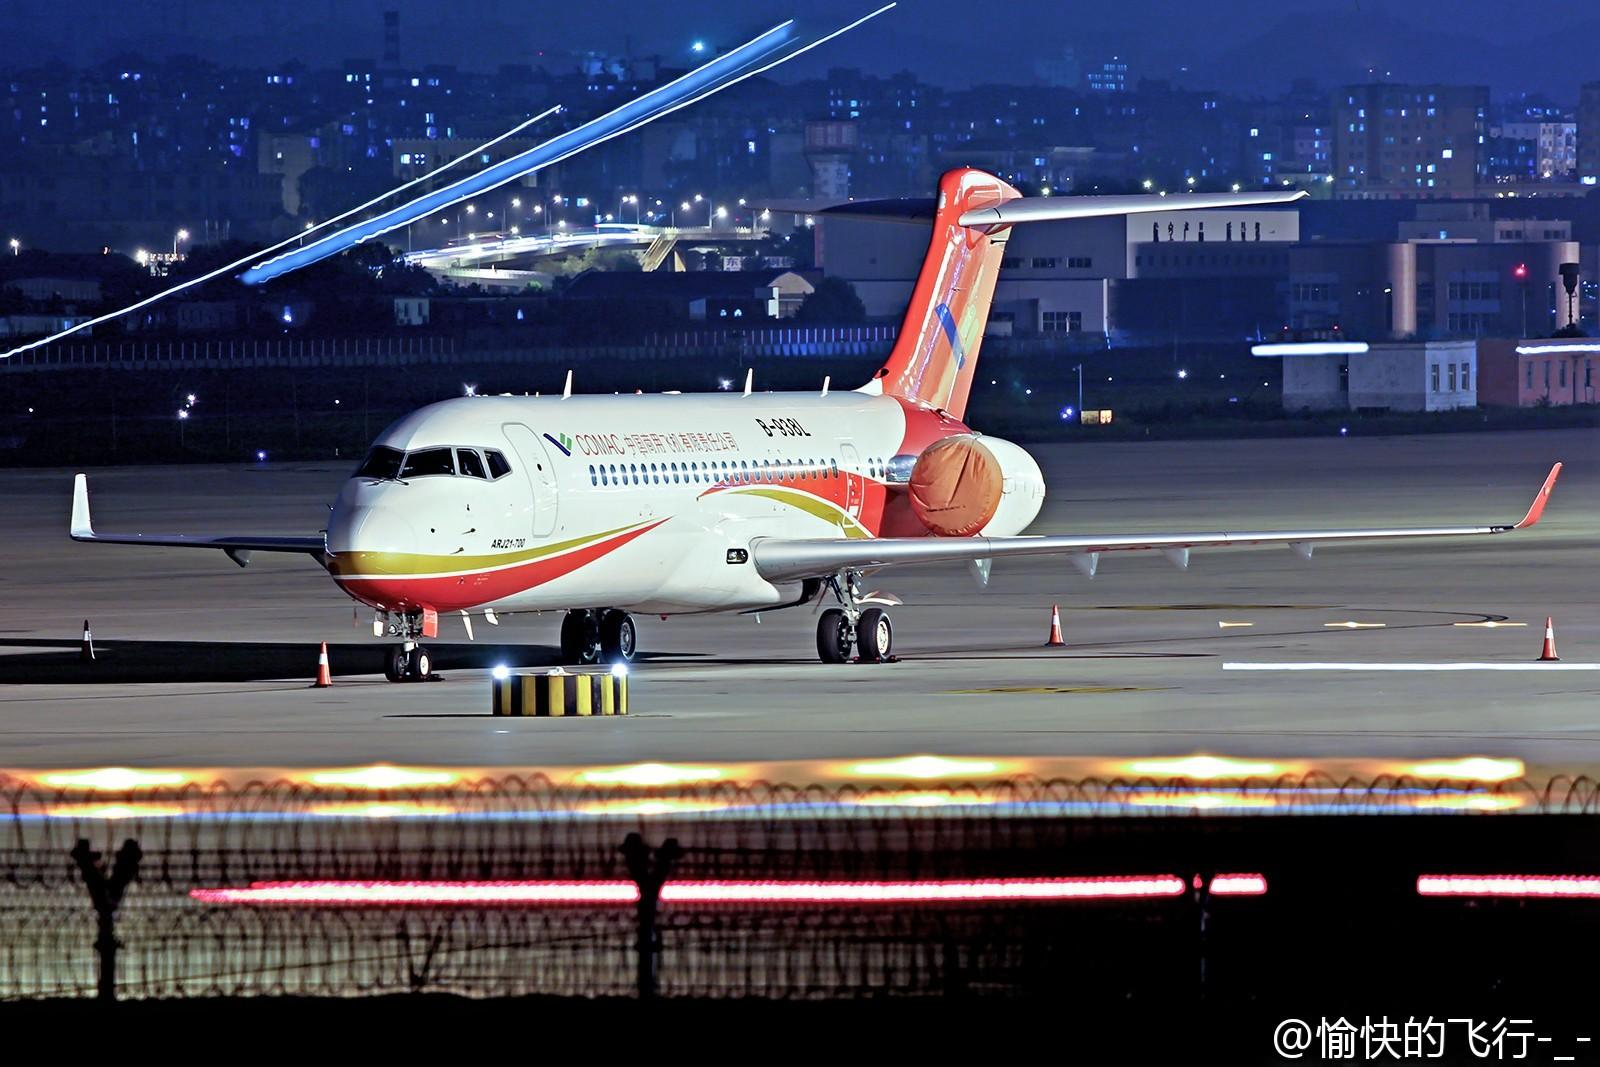 [原创][DLC]。。。ARJ21-700夜。。。 COMAC ARJ21-700 B-938L 中国大连周水子国际机场